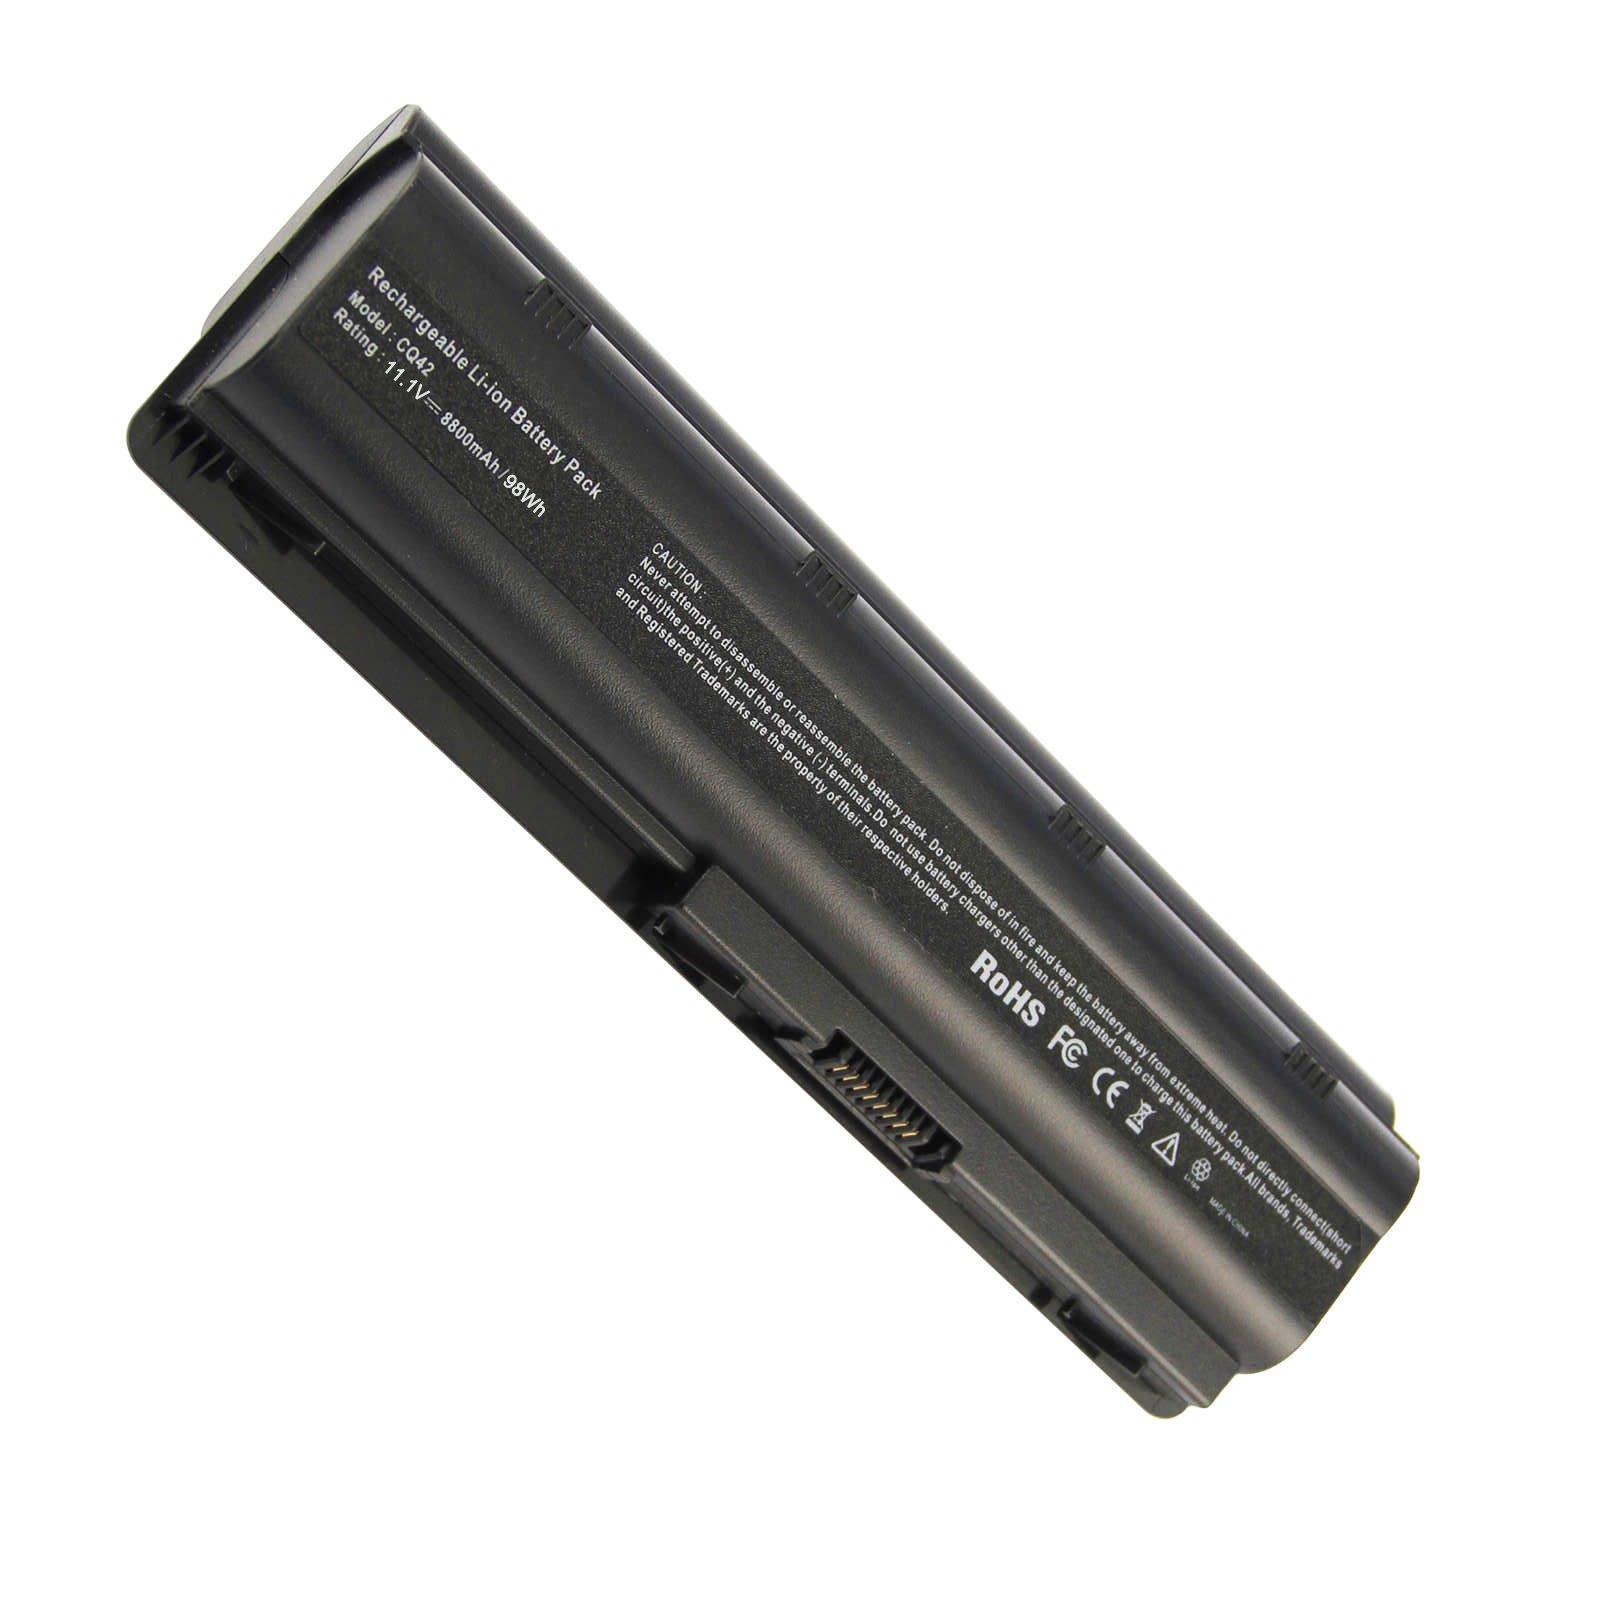 Bateria 8800mah 12 Celdas Para Hp Mu06 Mu09 593553-001 G62 G32 G42 G42t G56 G72 G4 G6 G6t G7 Compaq Presaio Cq32 Cq42 Cq